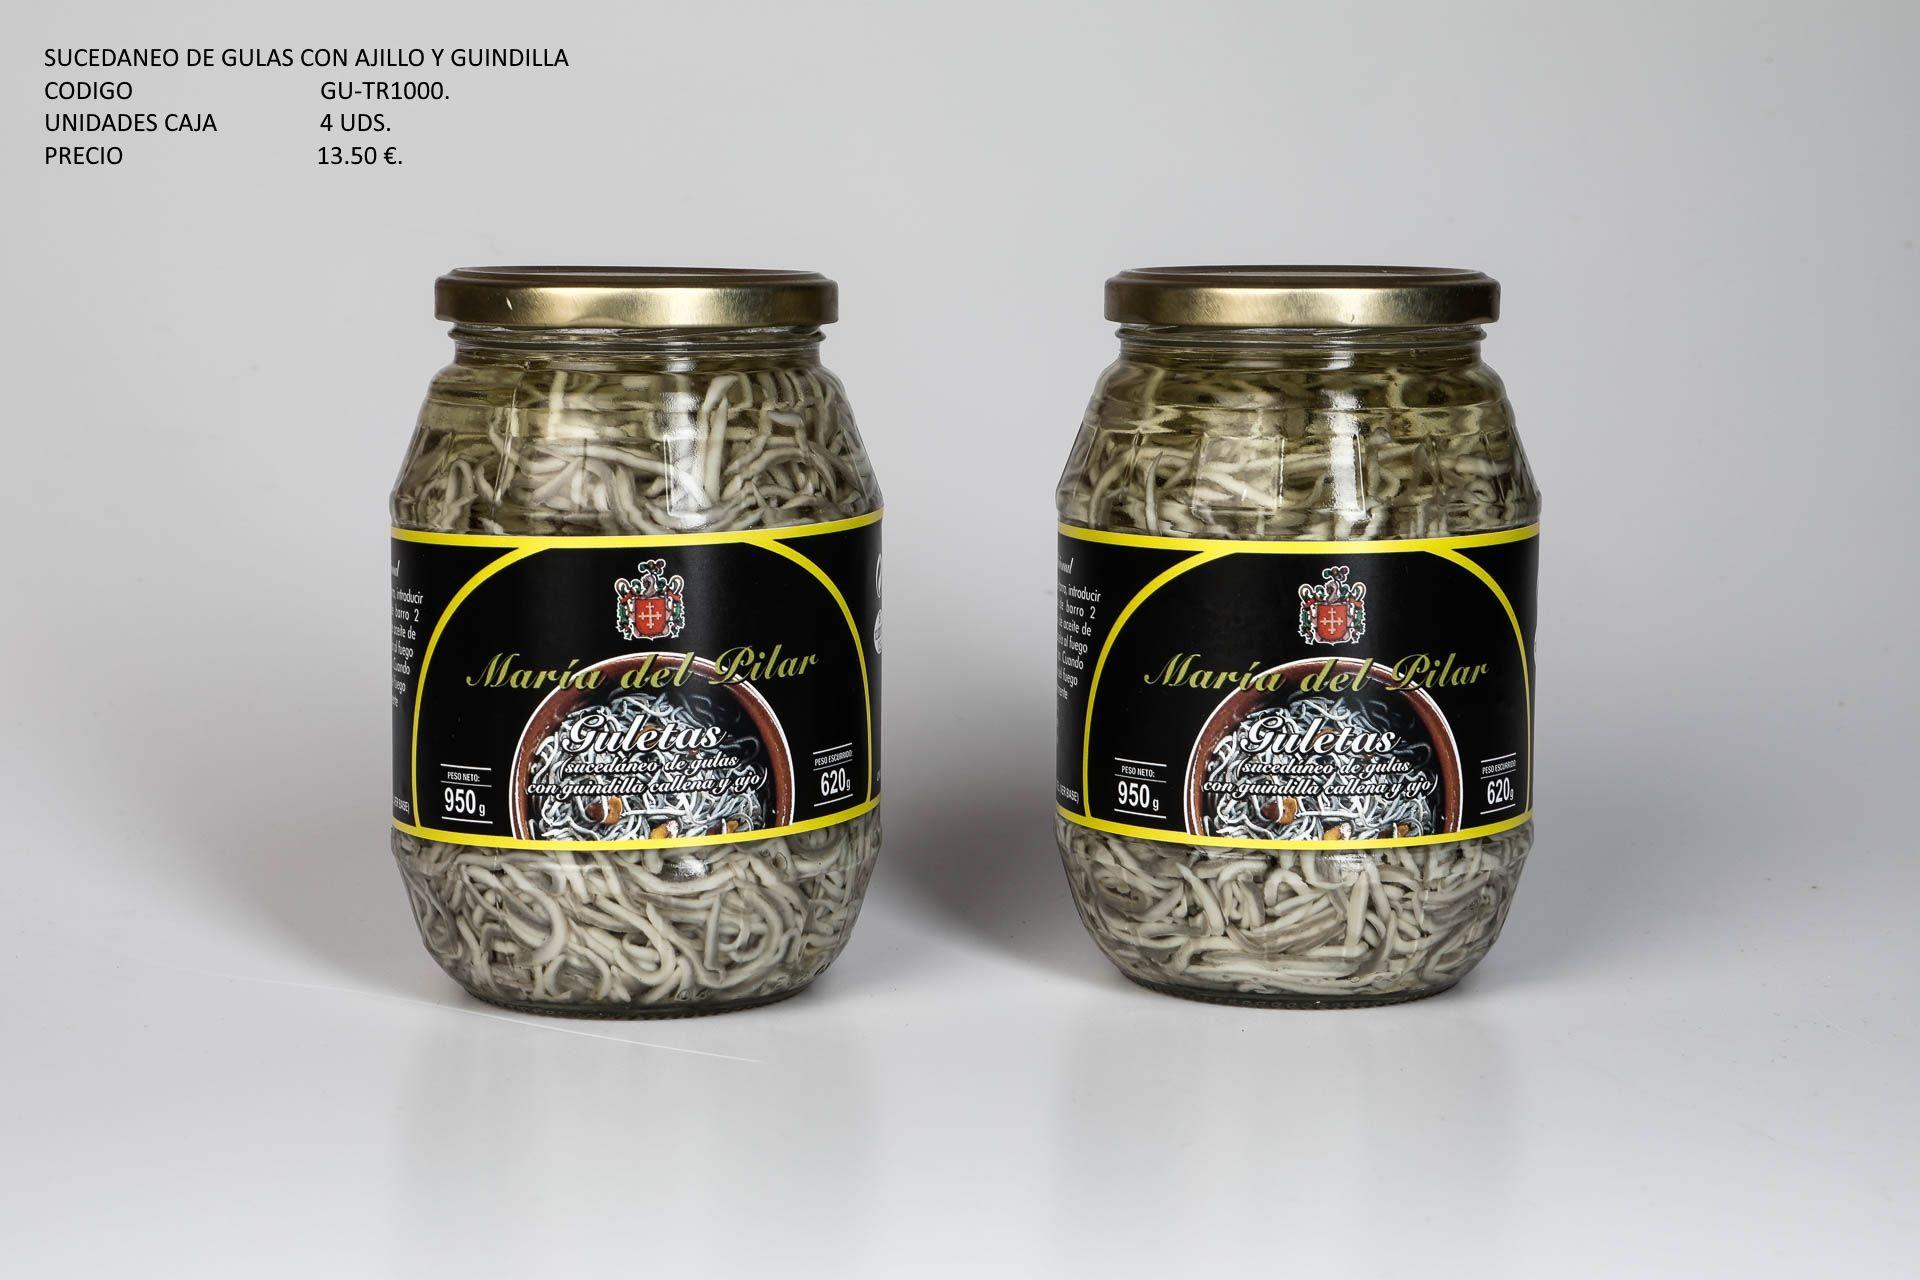 Sucedaneo de gulas con ajillo y guindilla: Productos de Conservas Artesanas María Eugenia